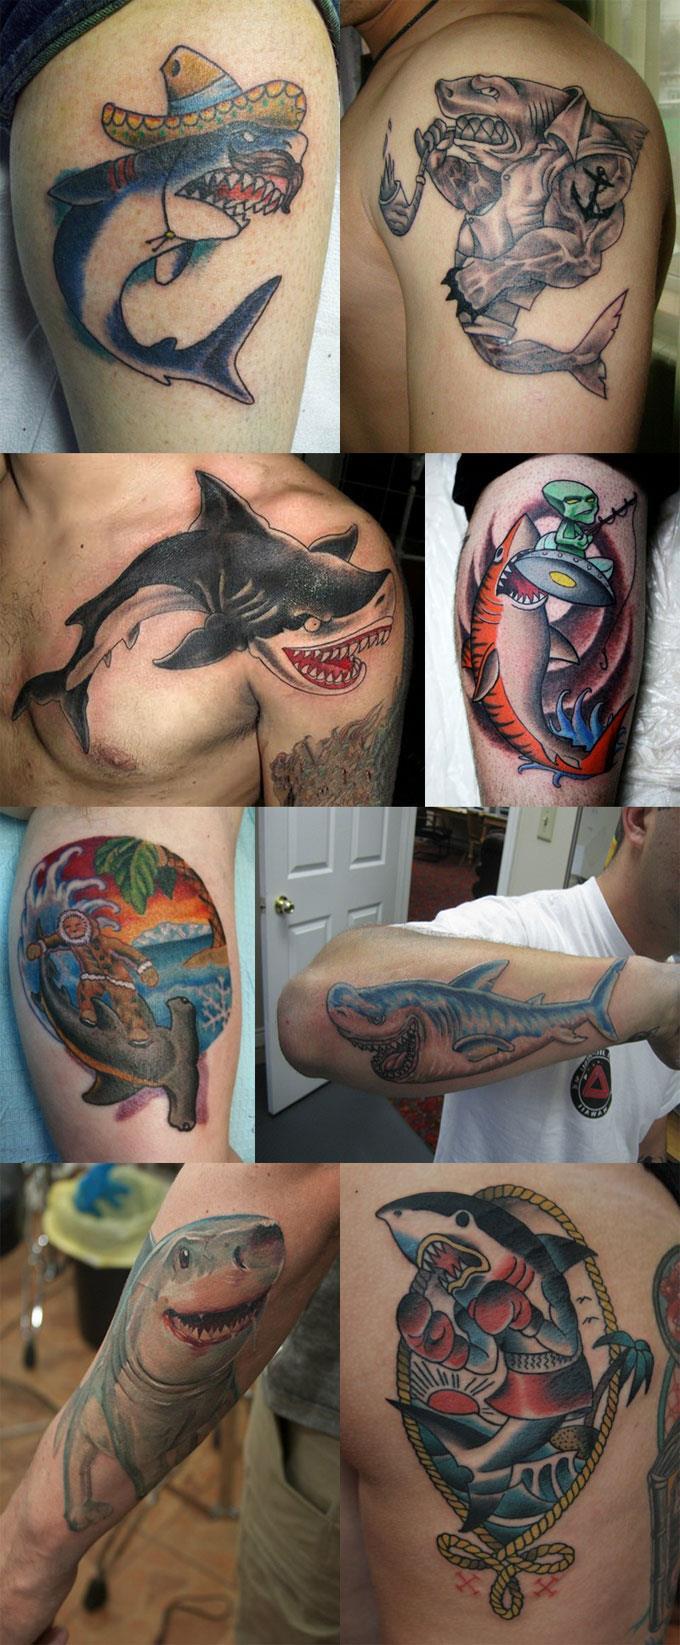 Татуировки акулы - прикольная, смешная, мультяшная